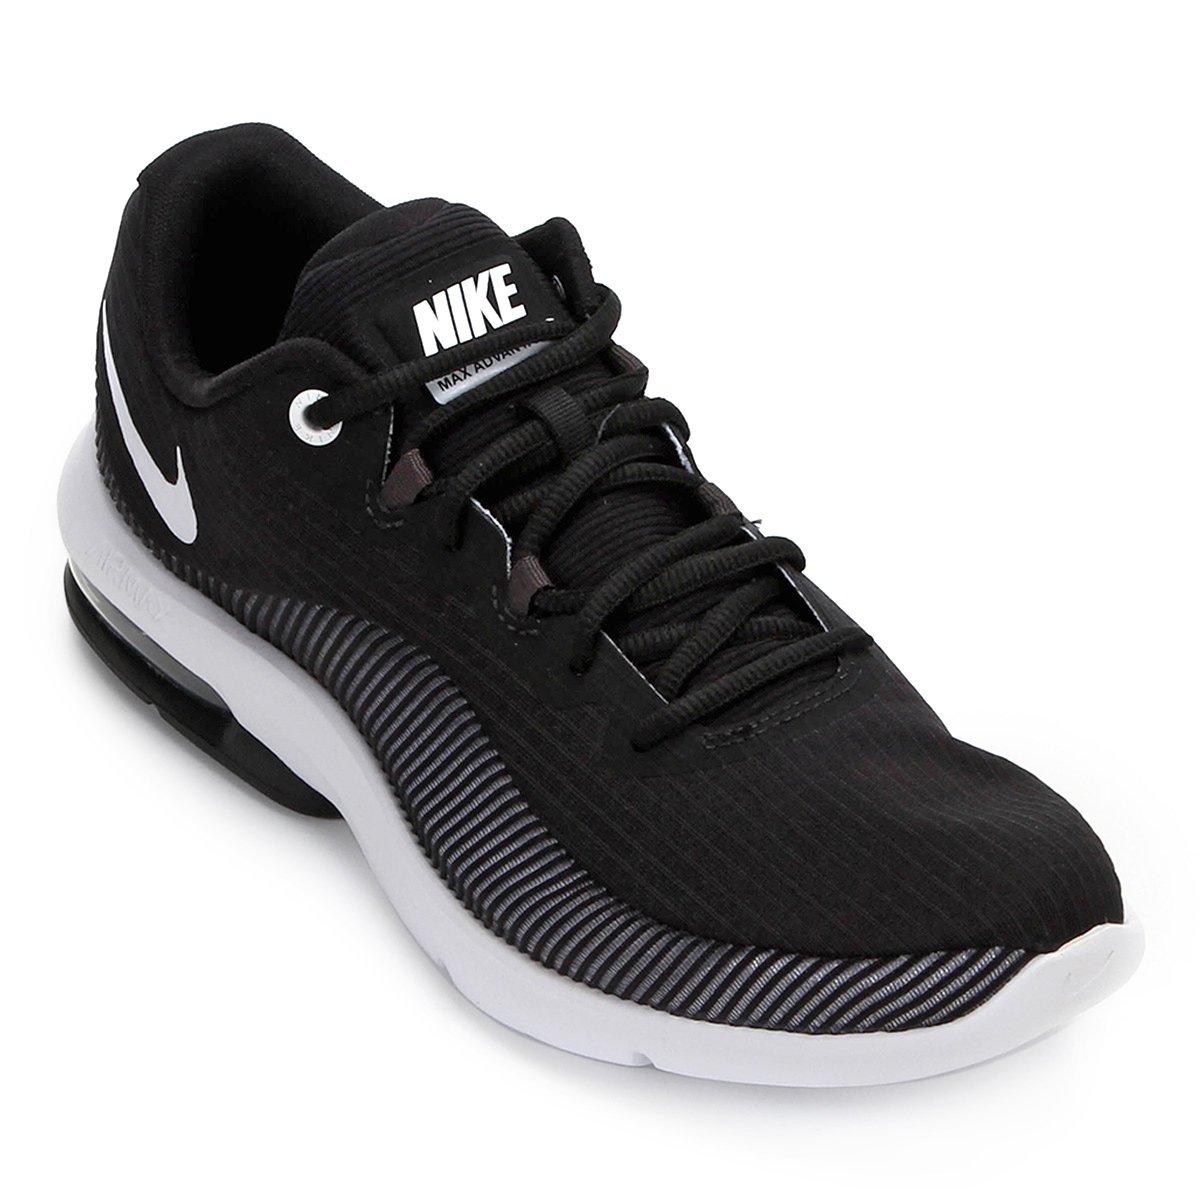 7f3b601fbf3 Tênis Nike Air Max Advantage 2 Masculino - Preto e Branco - Compre Agora